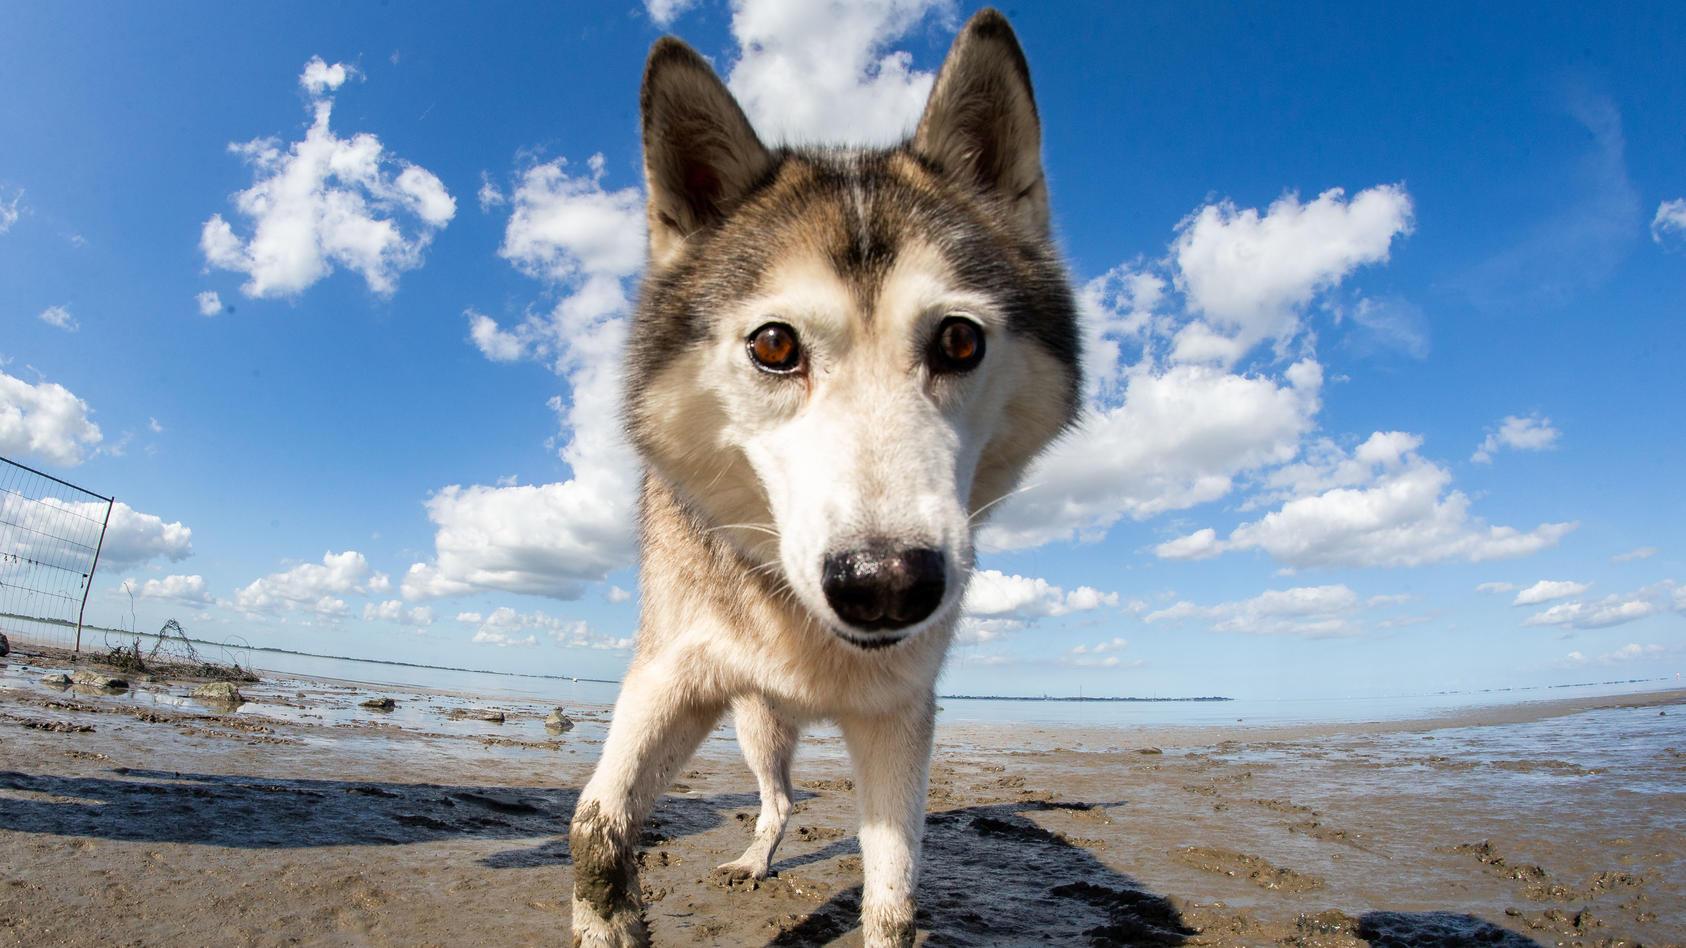 Wer mit dem Hund in den Urlaub fahren will, sollte ein paar Dinge beachten.